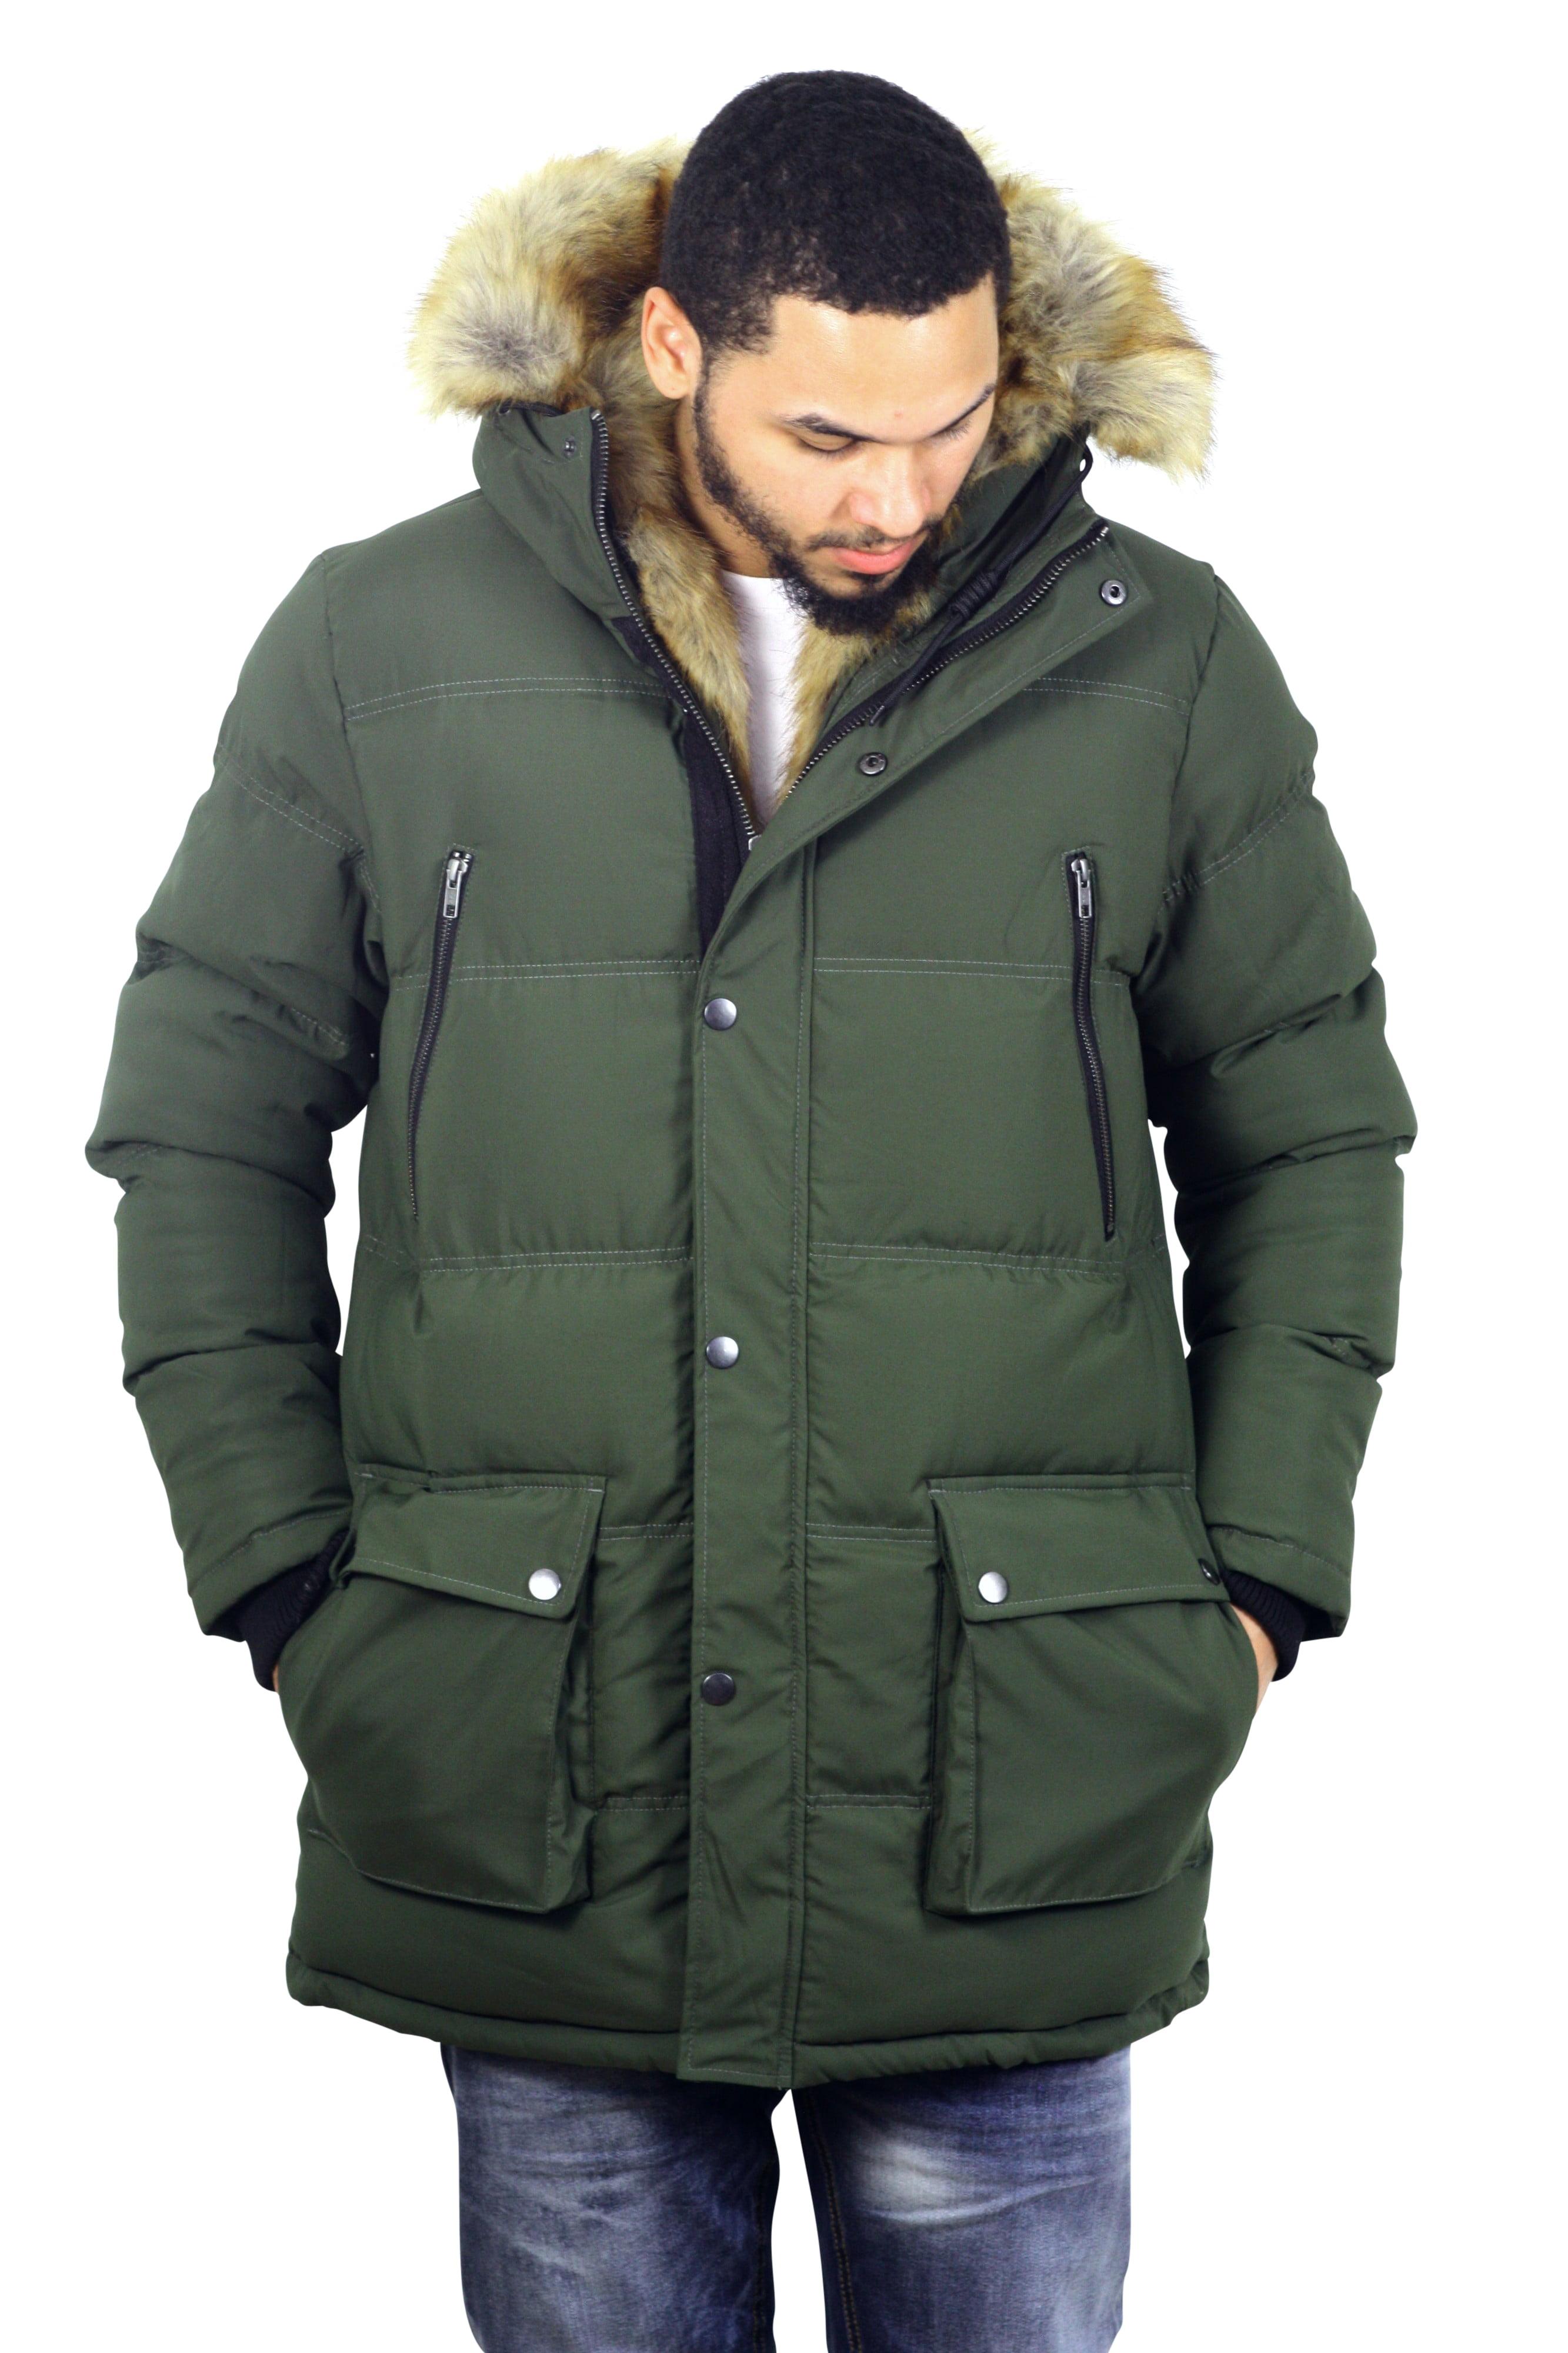 de62361120db Jordan Craig - Jordan Craig Fargo Faux Fur Lined Quilted Parka Army Green L  - Walmart.com